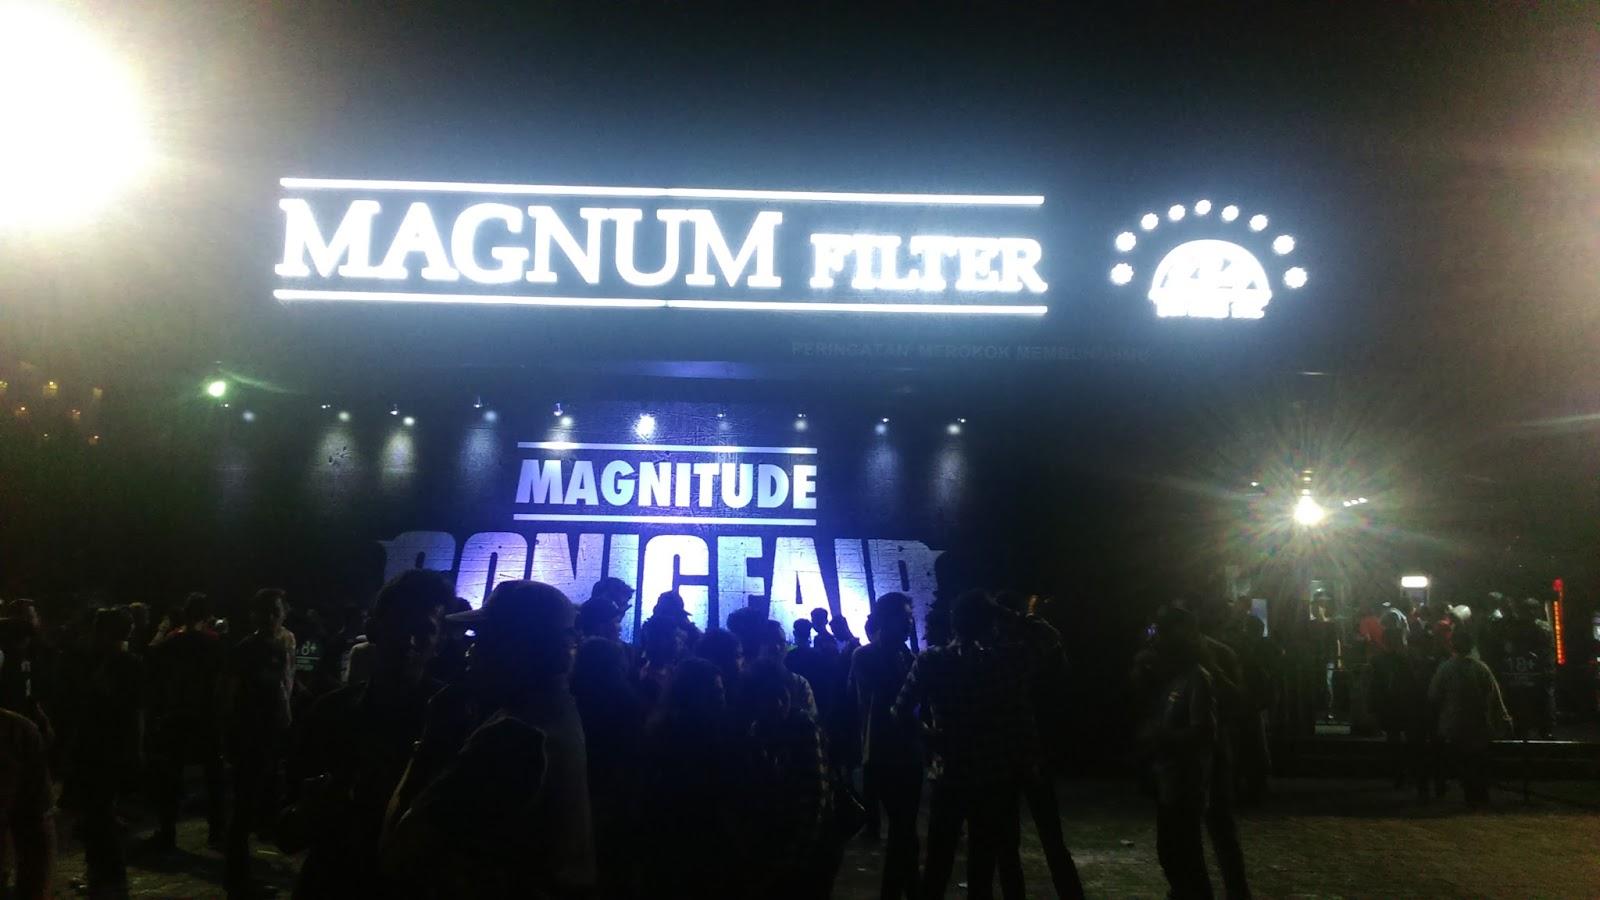 Sonicfair 2015 Konser Musik Metal di Medan